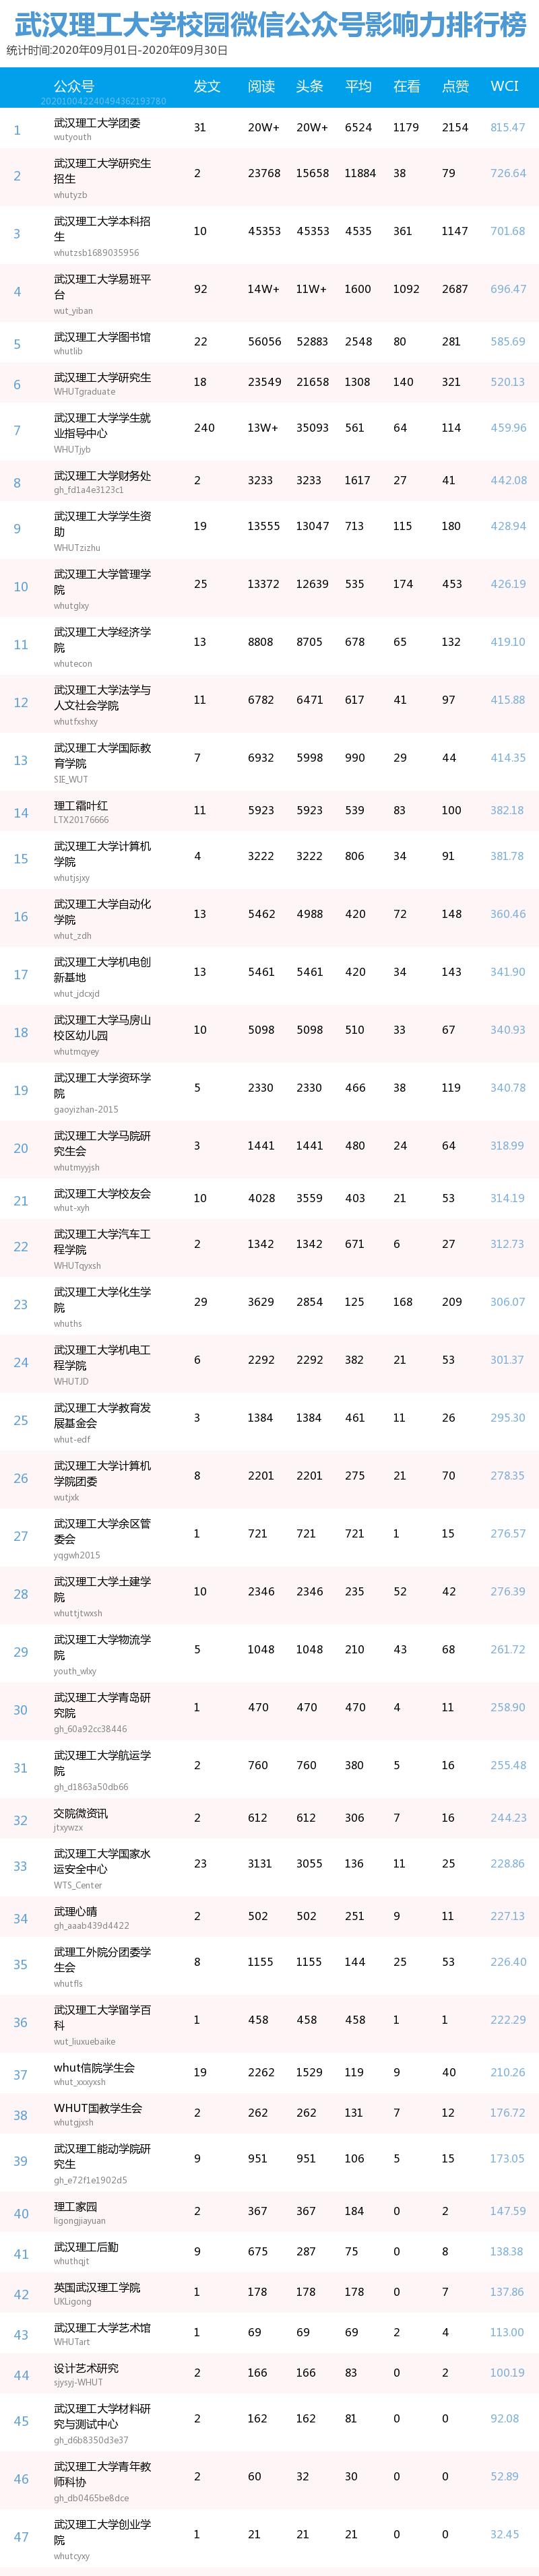 榜单 | 武汉理工大学校园微信公众号9月影响力排行榜图片